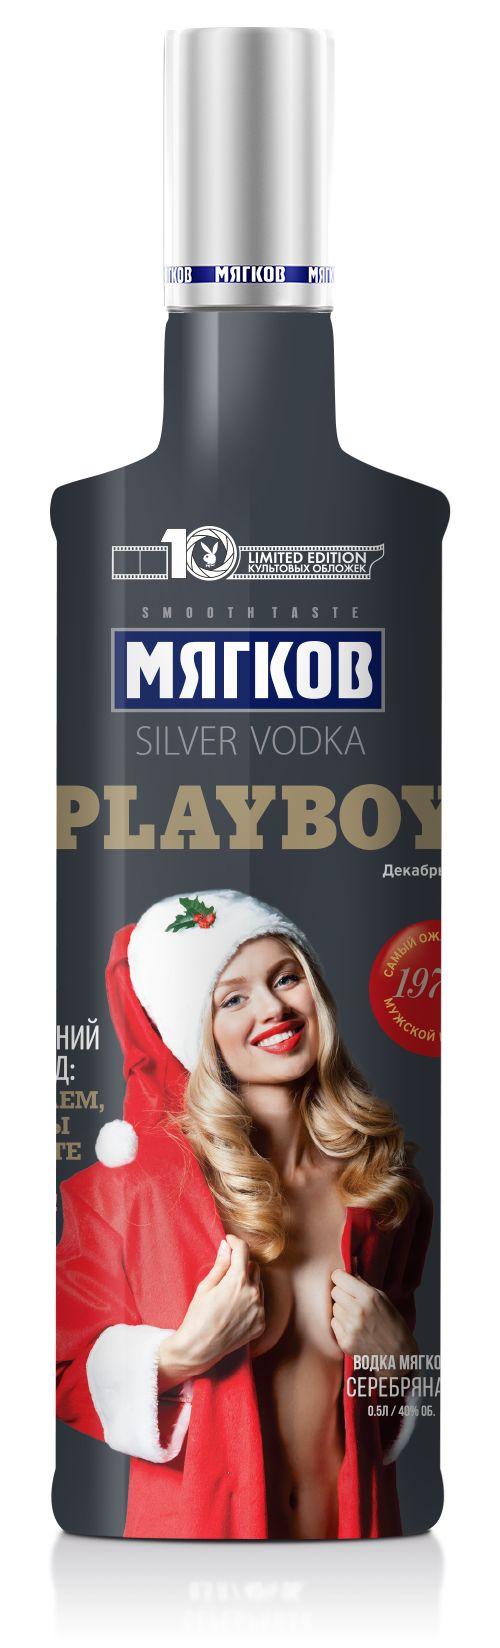 Myagkov Playboy Limited Edition, 1972 year cover remake. Мягков Плейбой Лимитированная серия. Римейк обложки 1972 года. Vodka. Spirits. Водка.